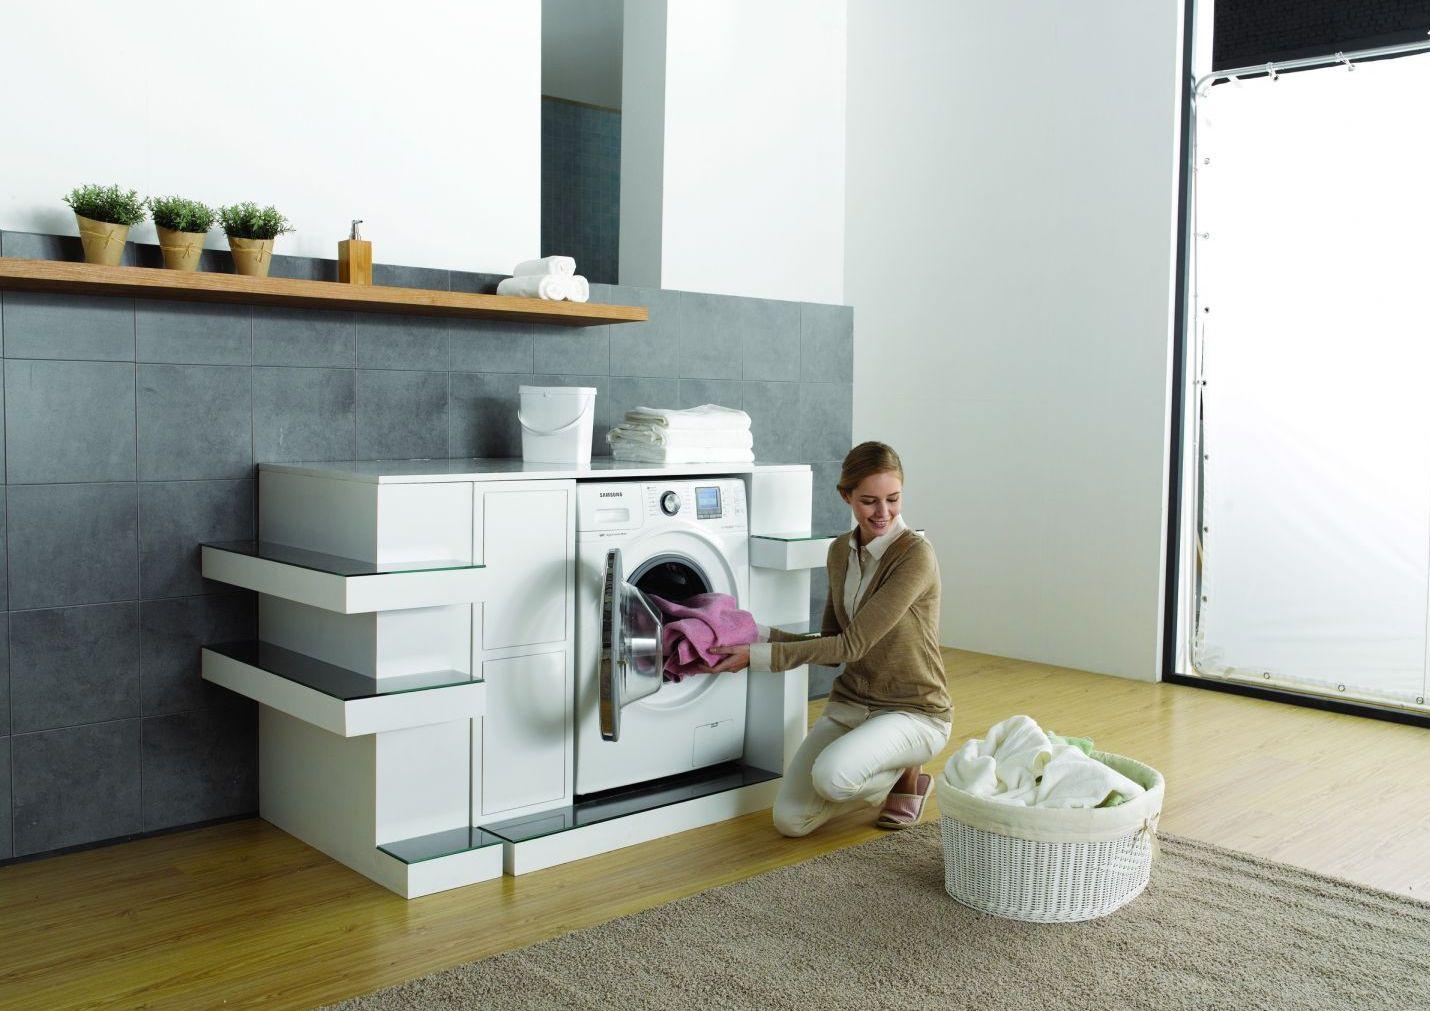 Шторы можно стирать в машинке. Фото с сайта legkovmeste.ru